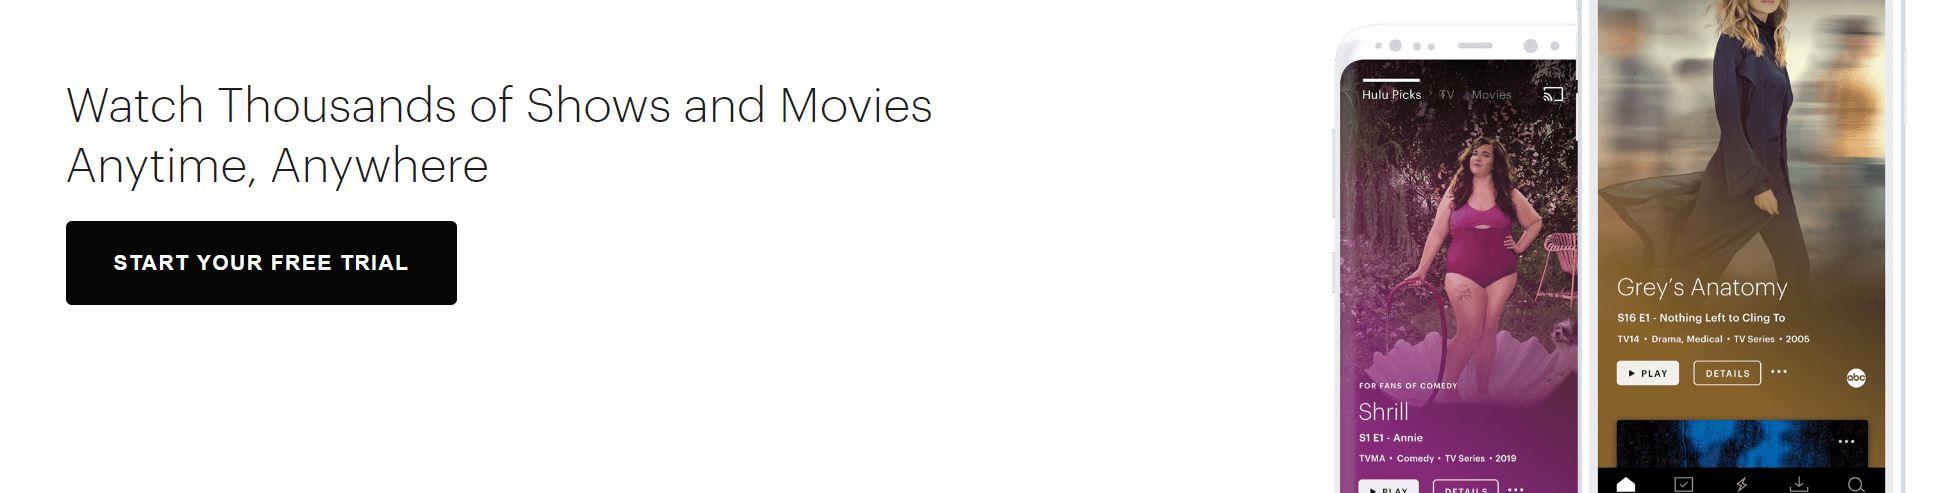 Para acceder a Hulu desde fuera de tu país se puede utilizar un VPN